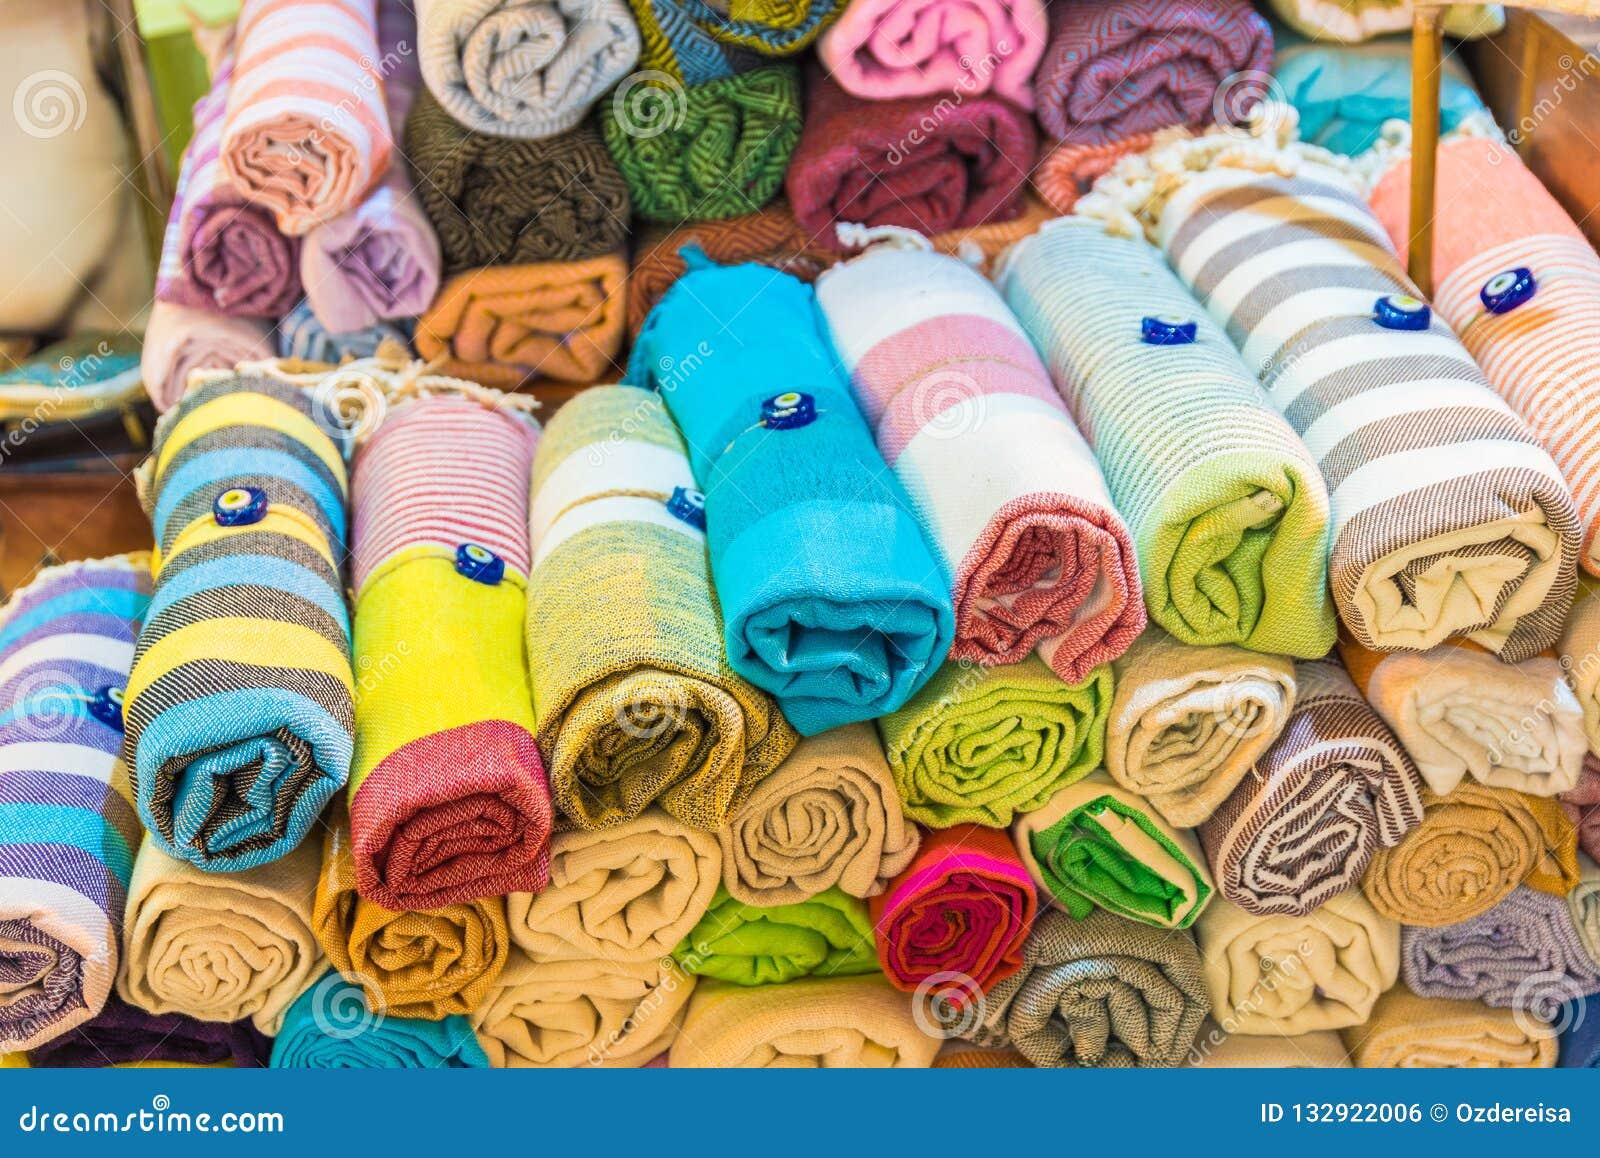 El rollo formó la seda, las bufandas de la cabeza de la cachemira o los mantones coloridos tradicionales apilados